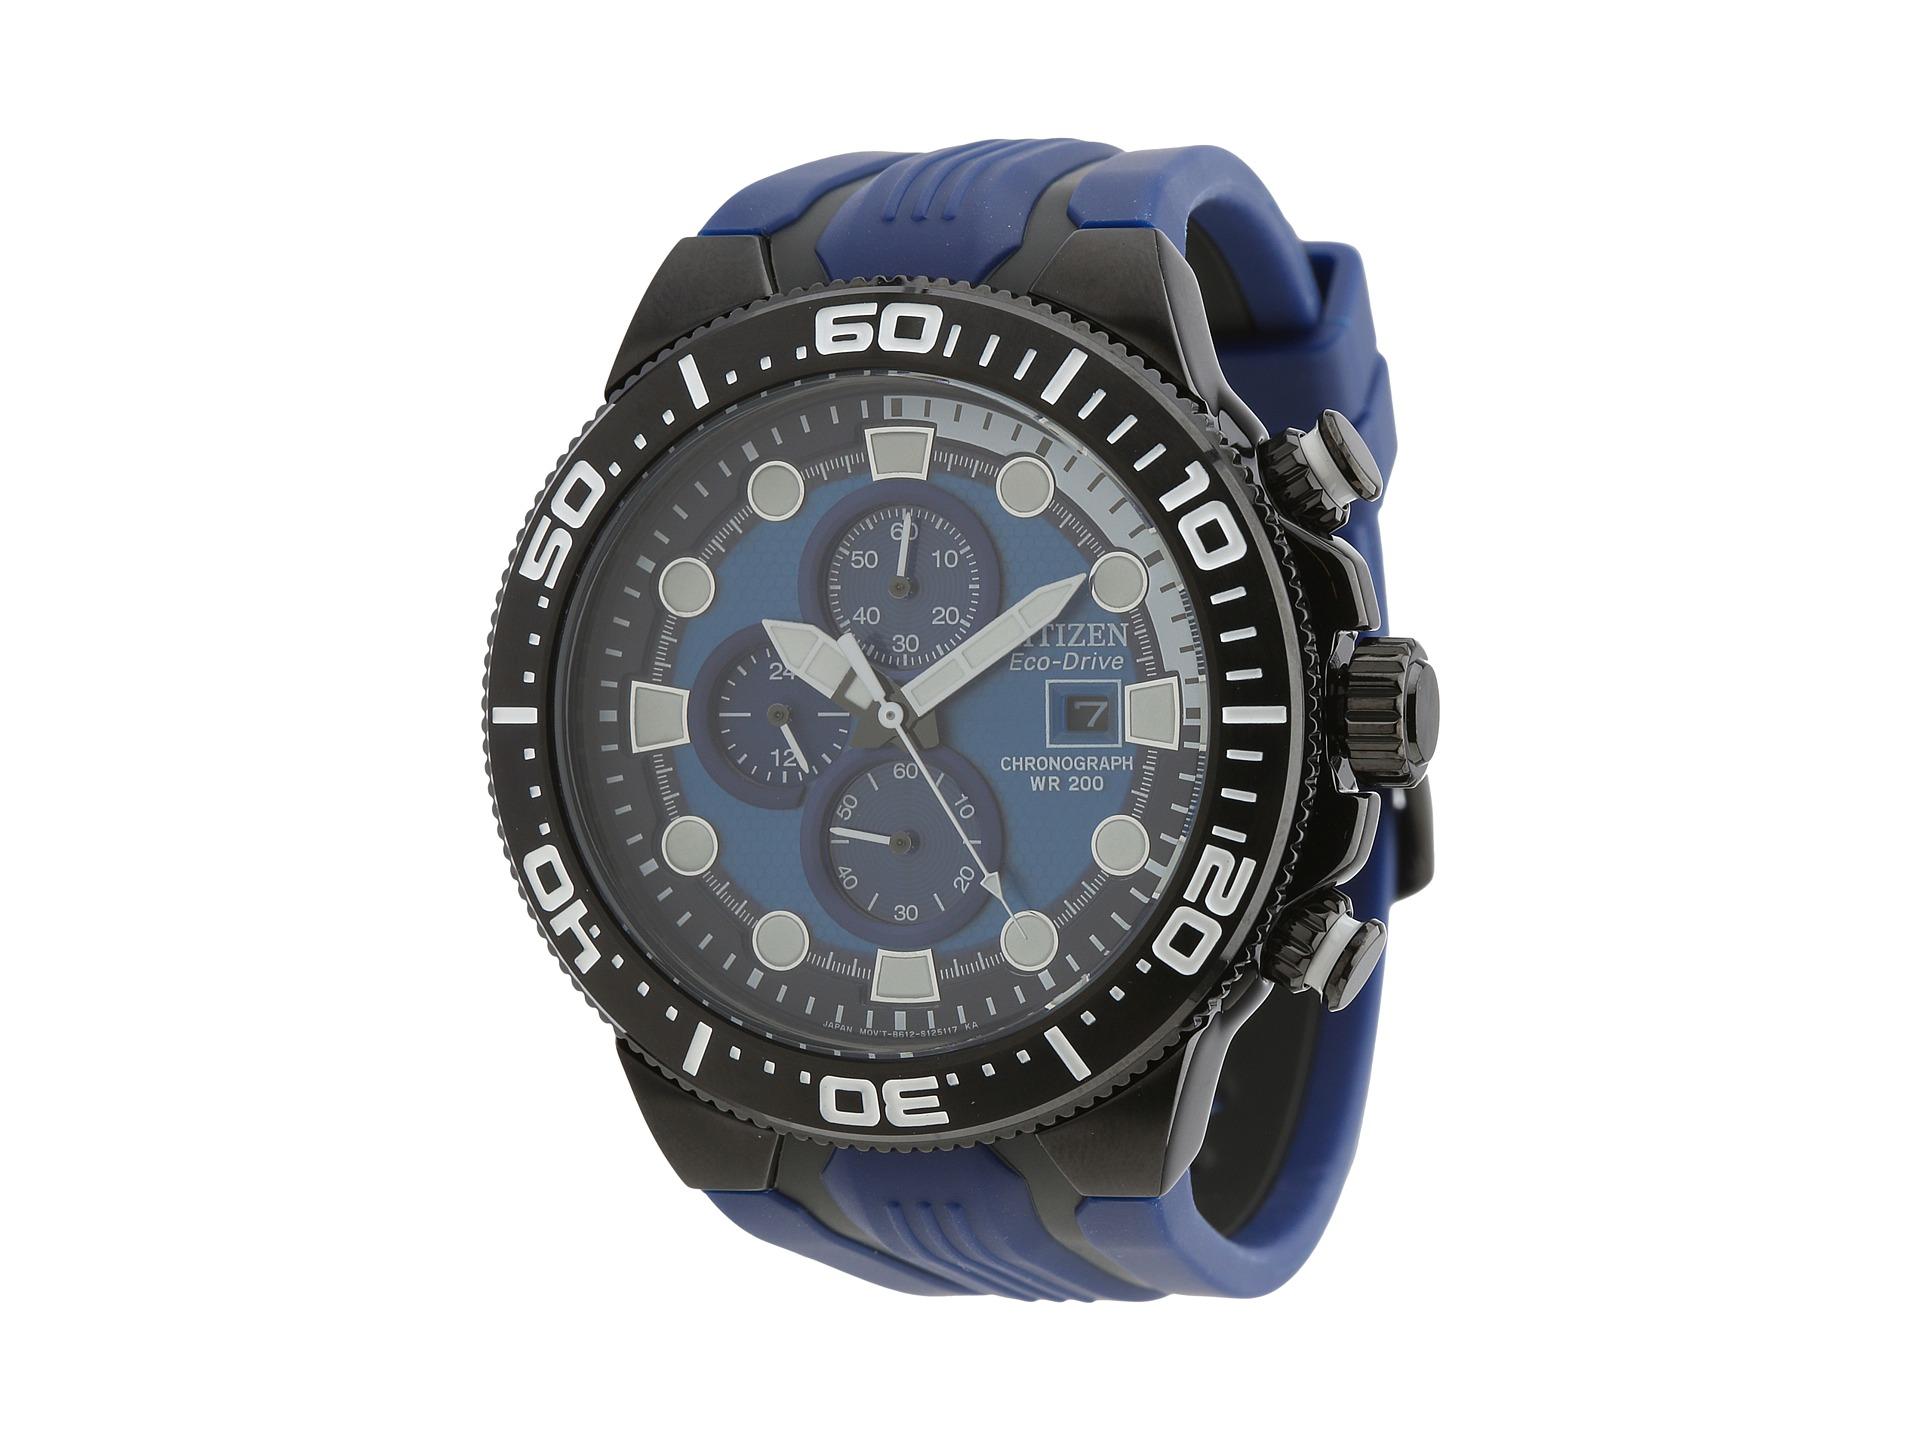 citizen watches ca0515 02l eco drive scuba fin chronograph